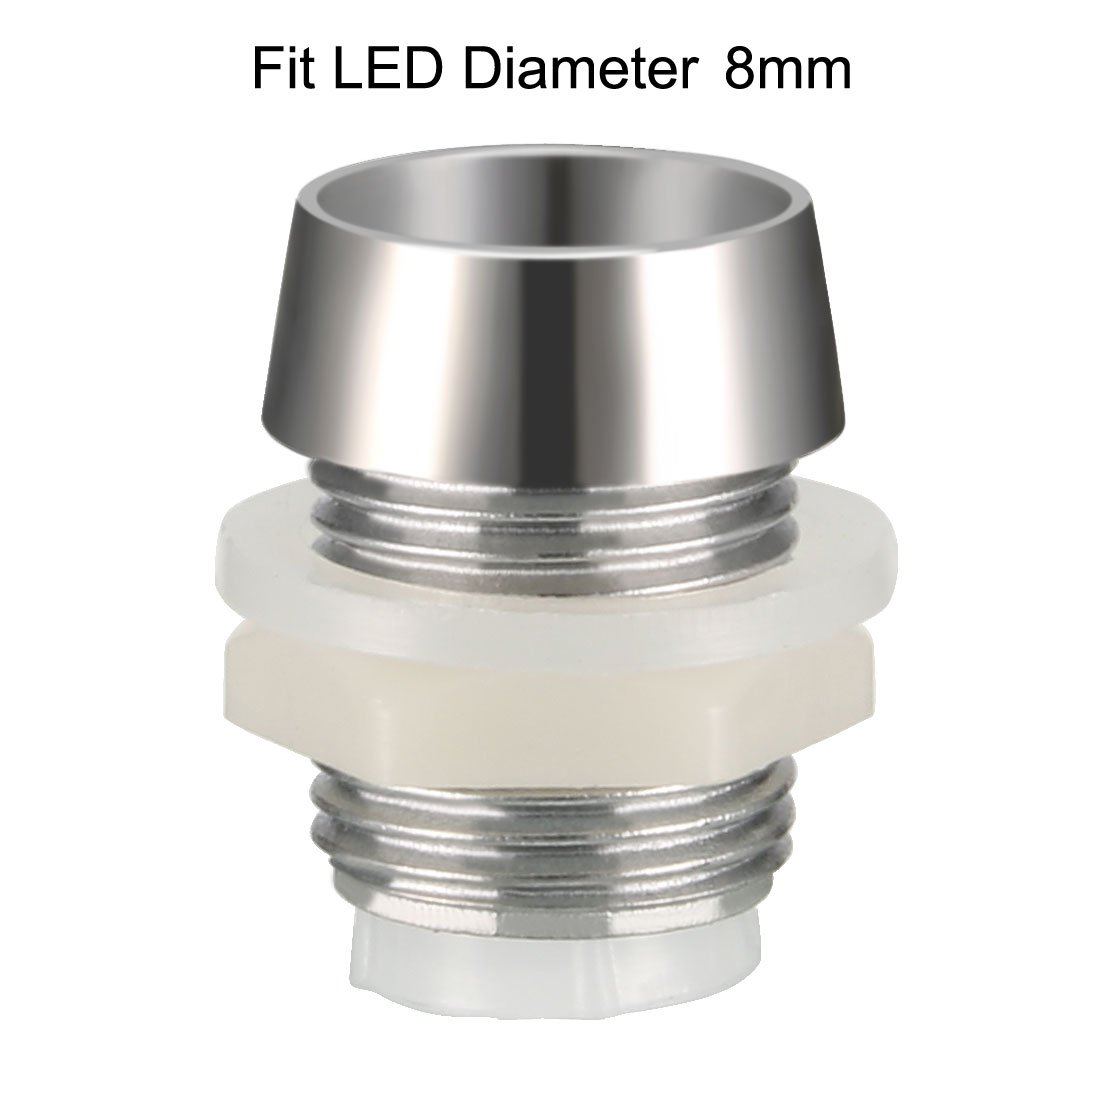 sourcing map 20pcs 8mm LED Lamp Holder Light Bulb Socket Plastic Chrome Plated for Light-emitting Diode Lighting